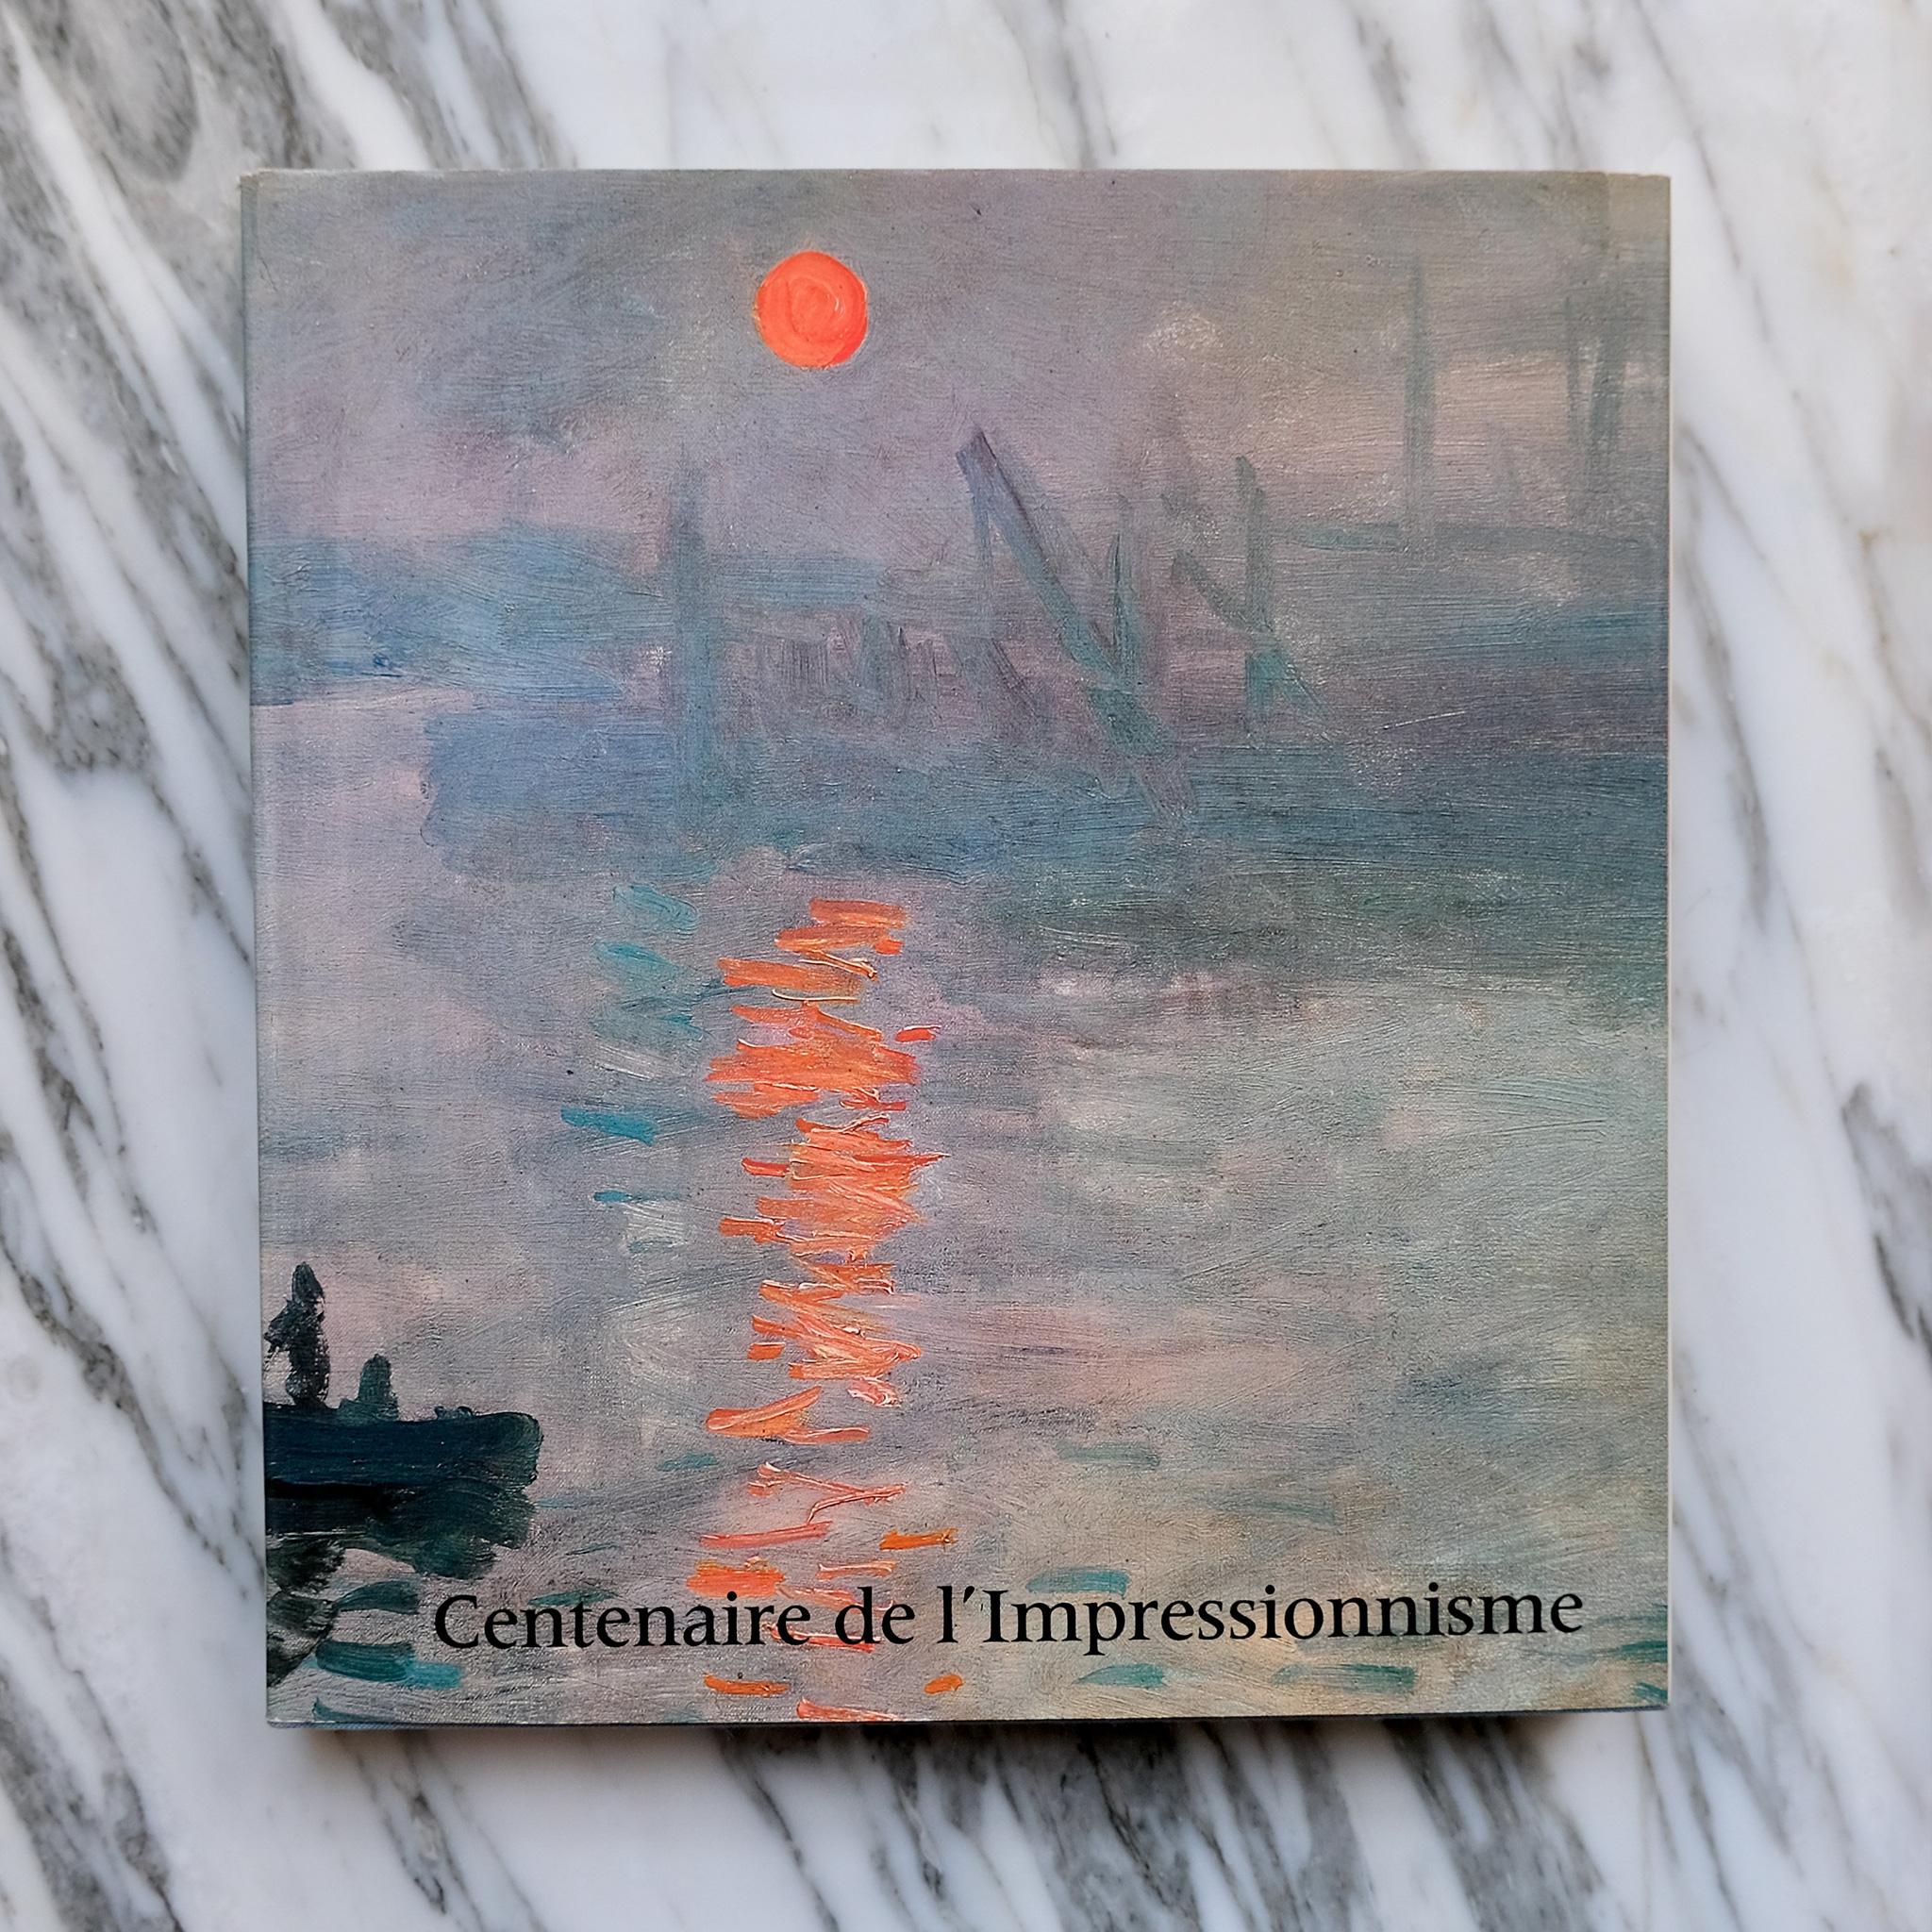 Second Bouquinistes Auction Centenaire de l'Impressionisme